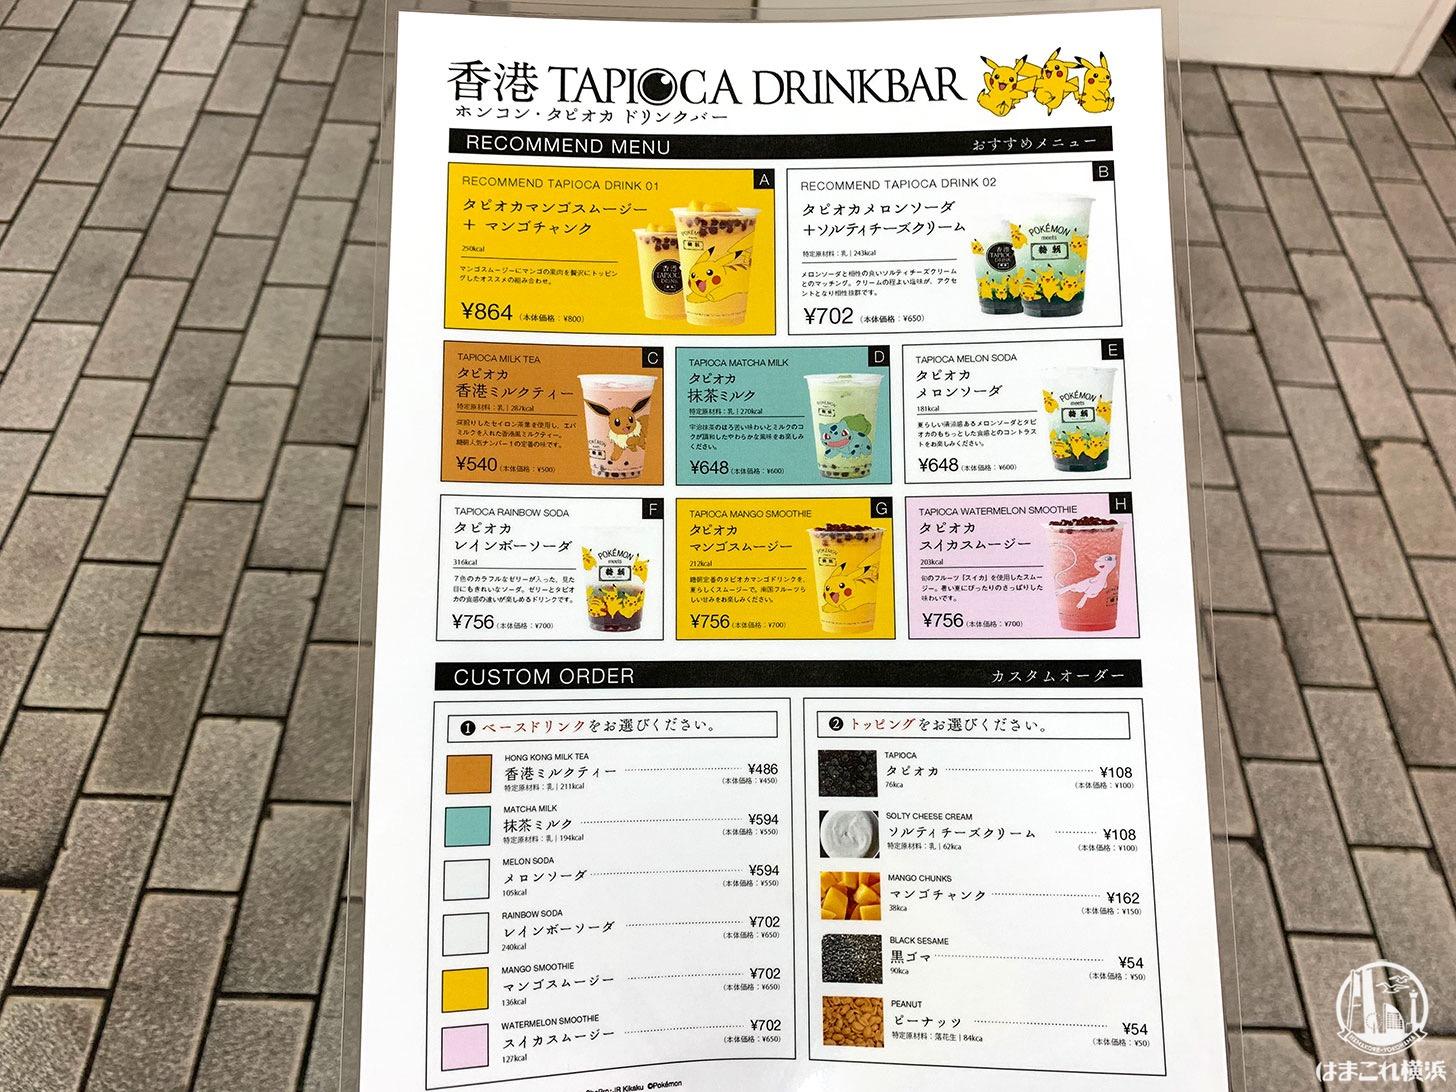 糖朝 横浜高島屋 ポケモンドリンク メニュー